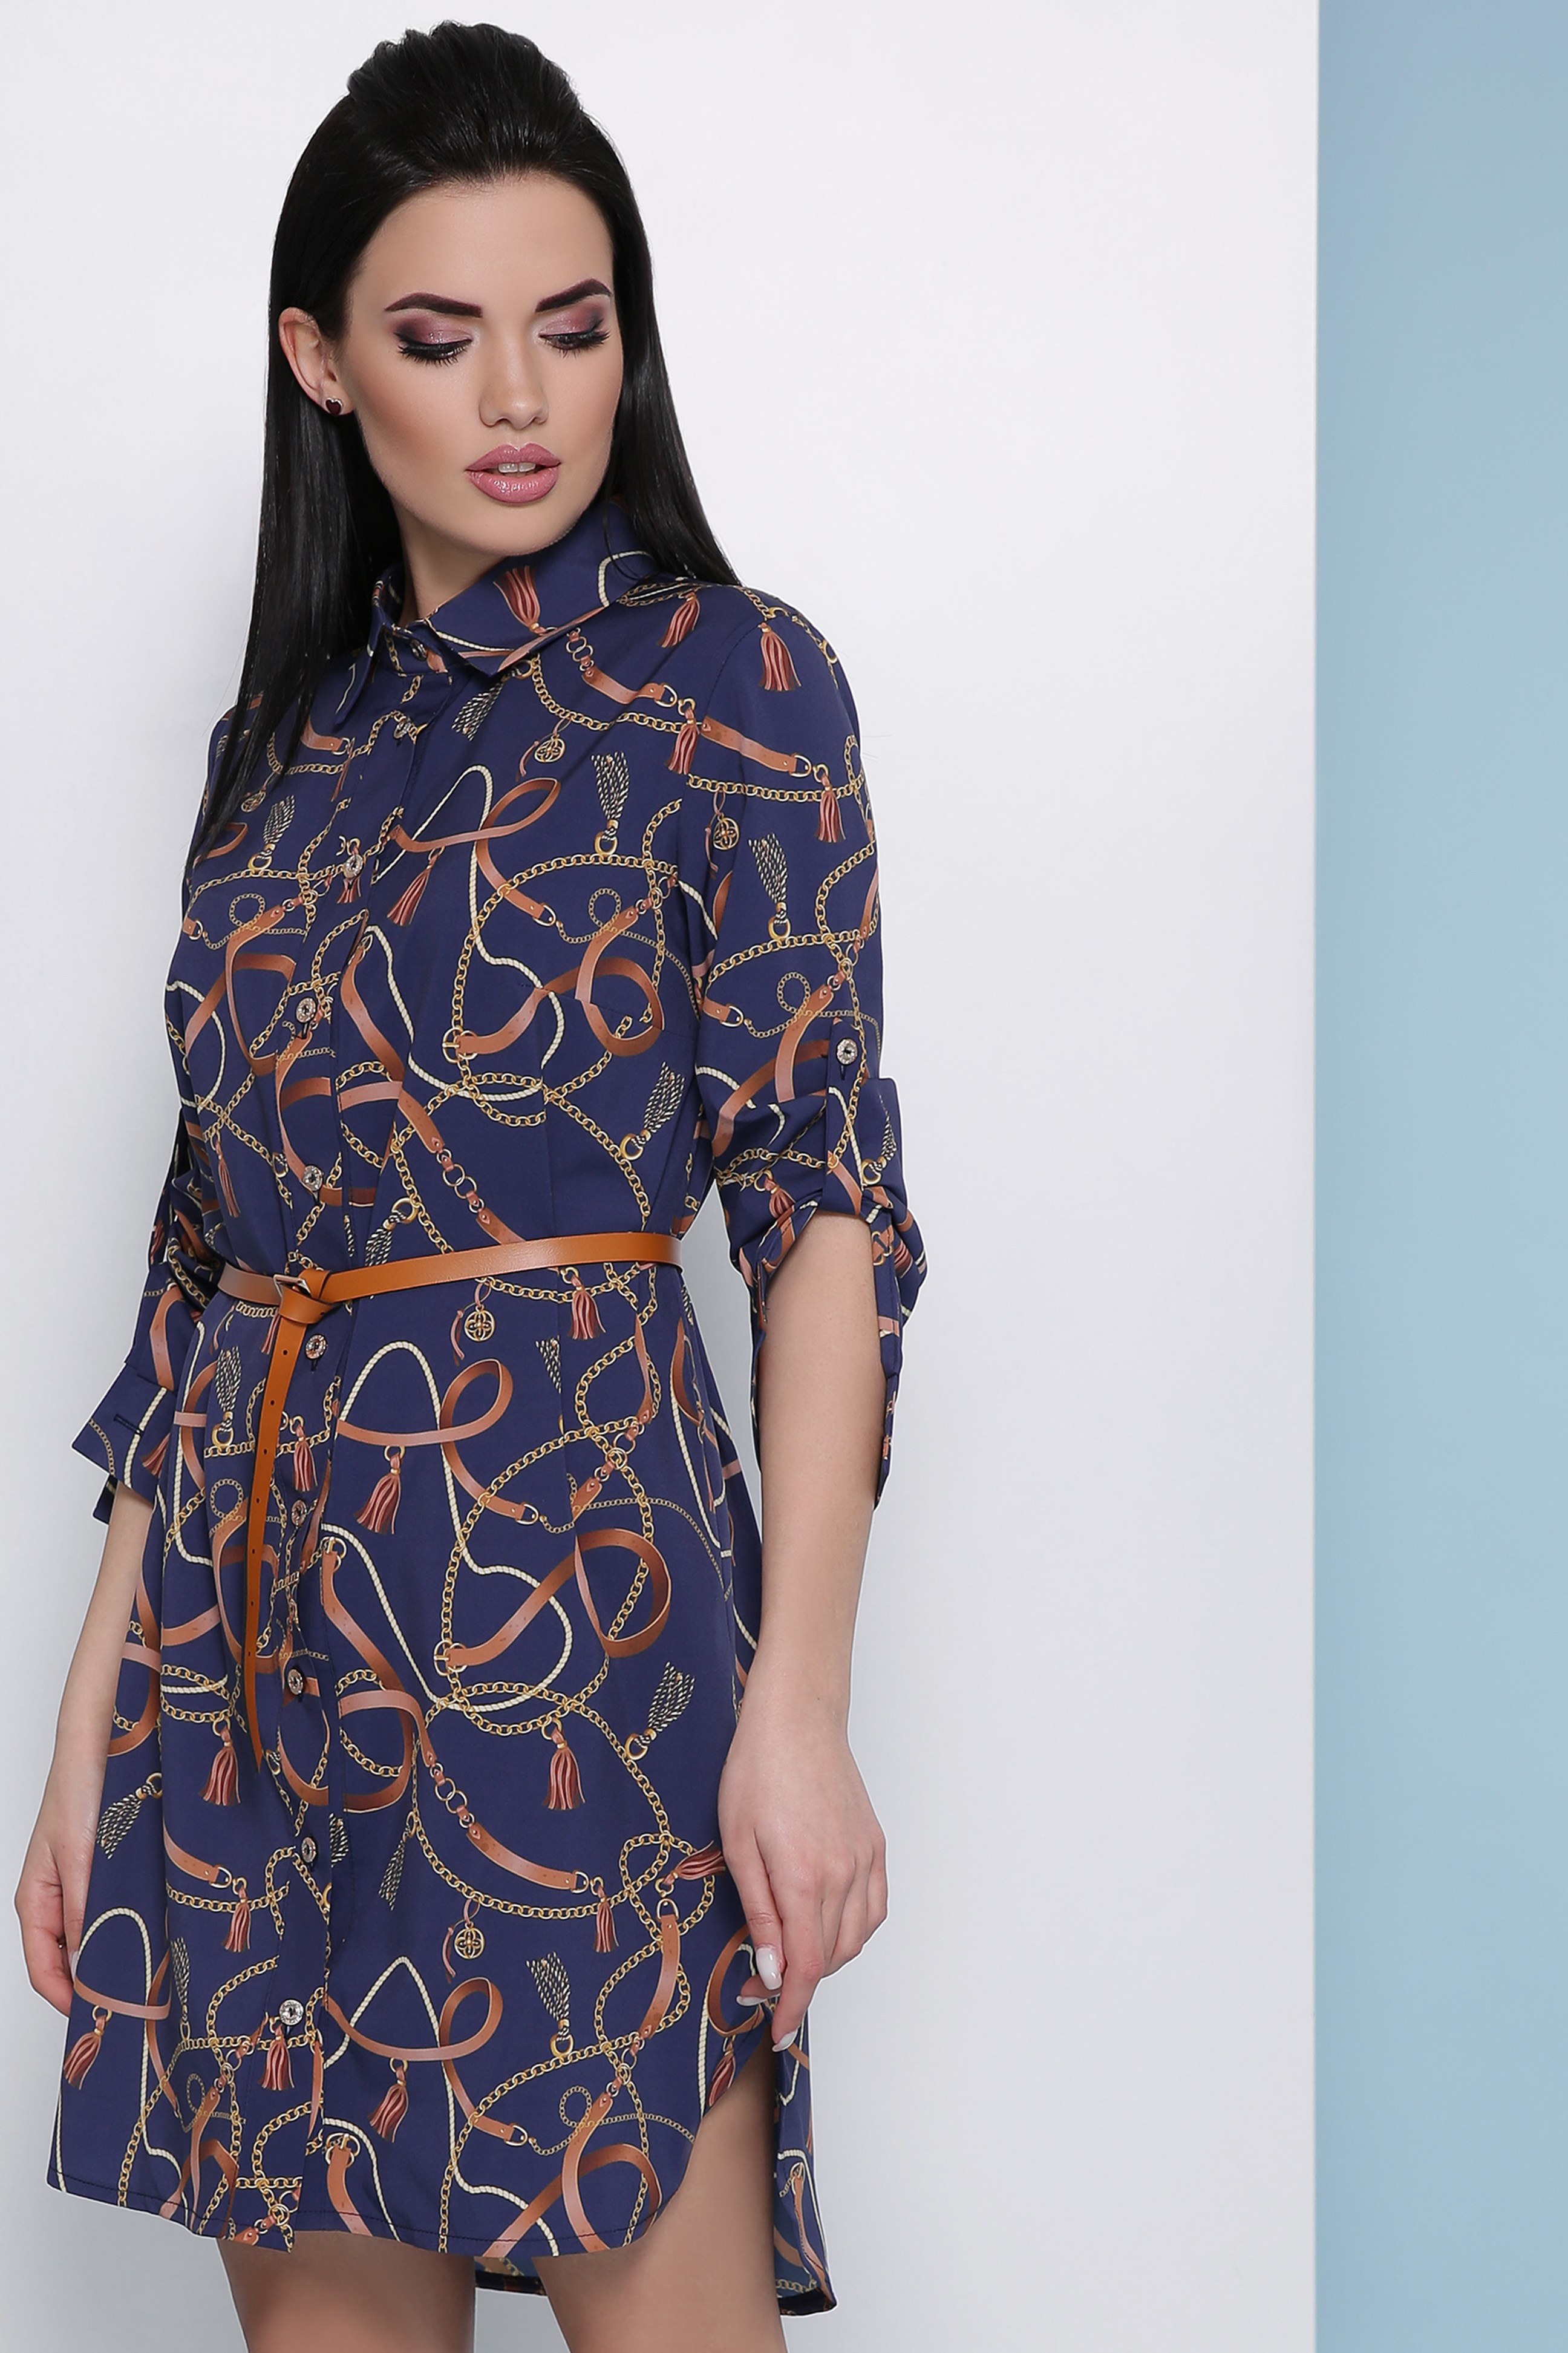 d8847017b42 синее платье рубашка. Ремешки-цепи платье-рубашка Аврора П д р.